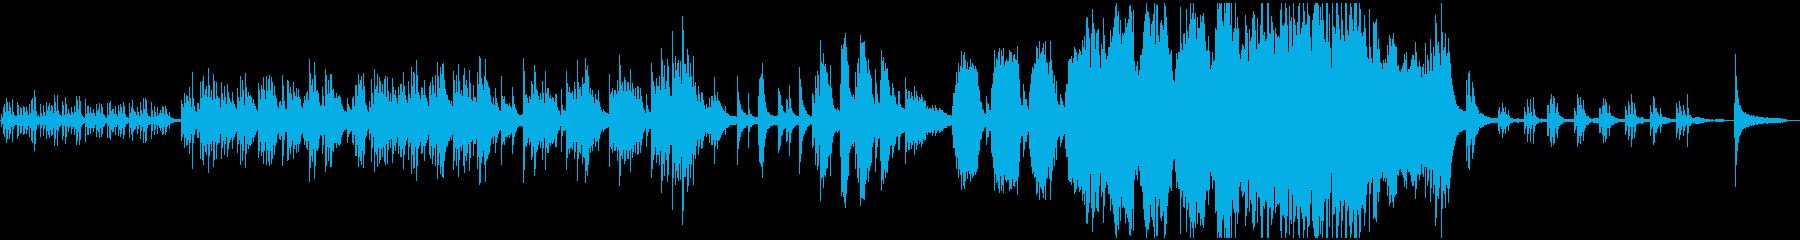 癒しのピアノソロ:光、神秘的、別れの再生済みの波形